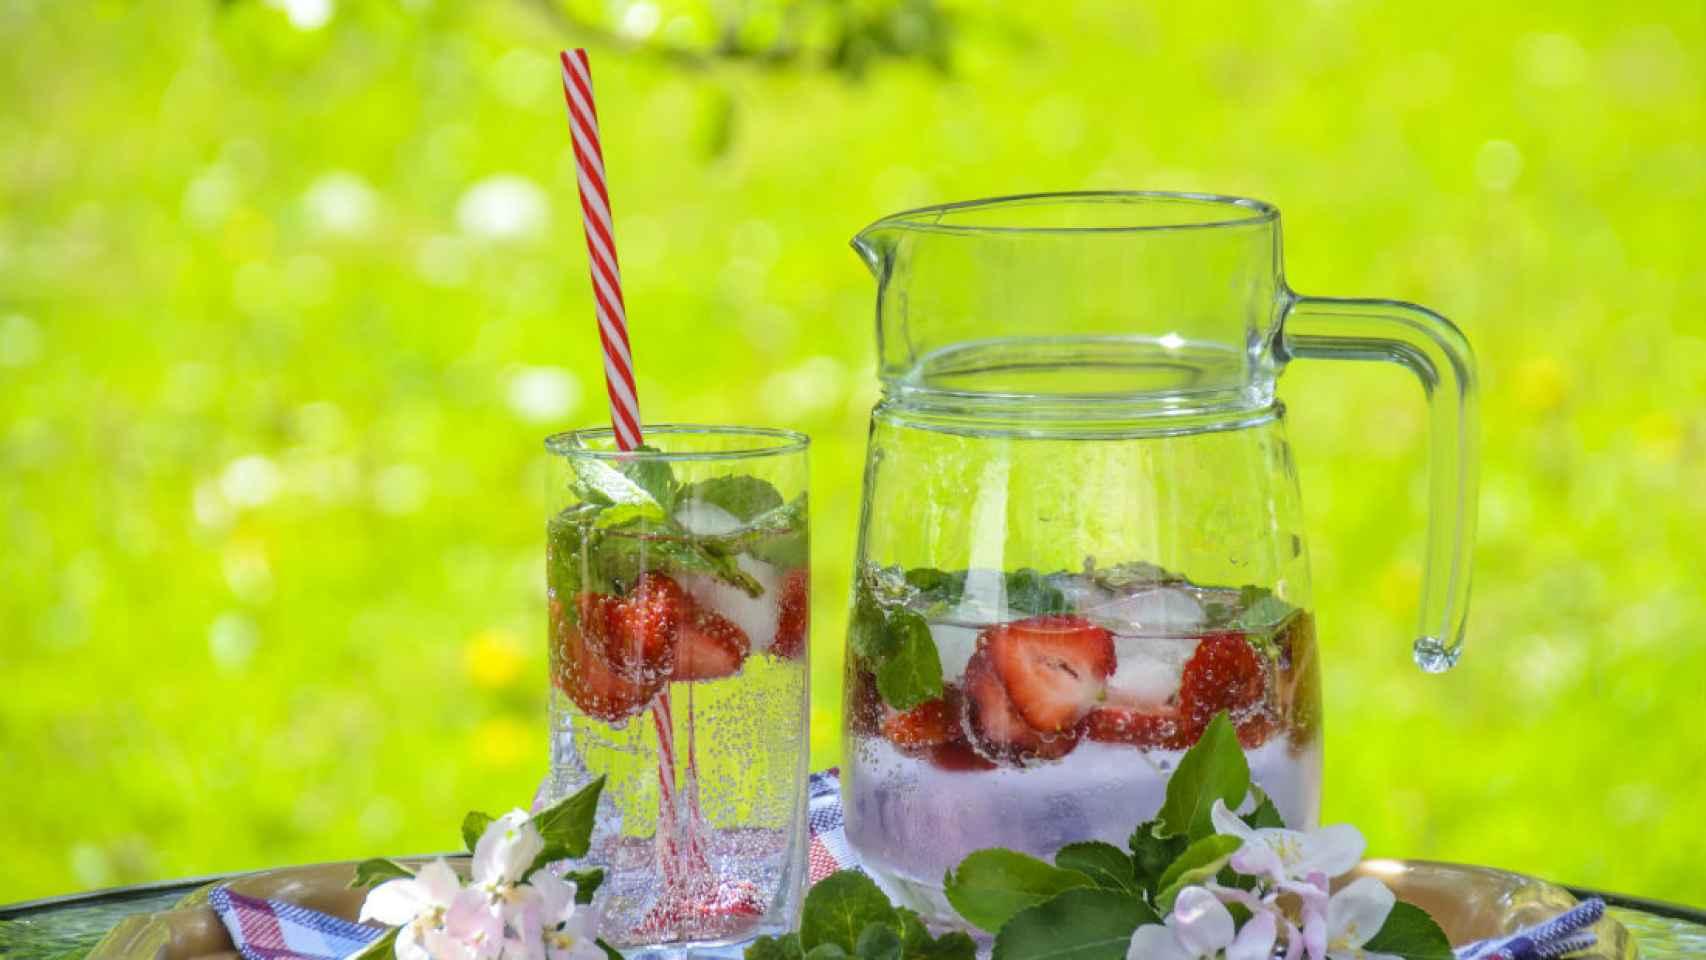 El placer de disfrutar de un refresco con tu propia cosecha. /